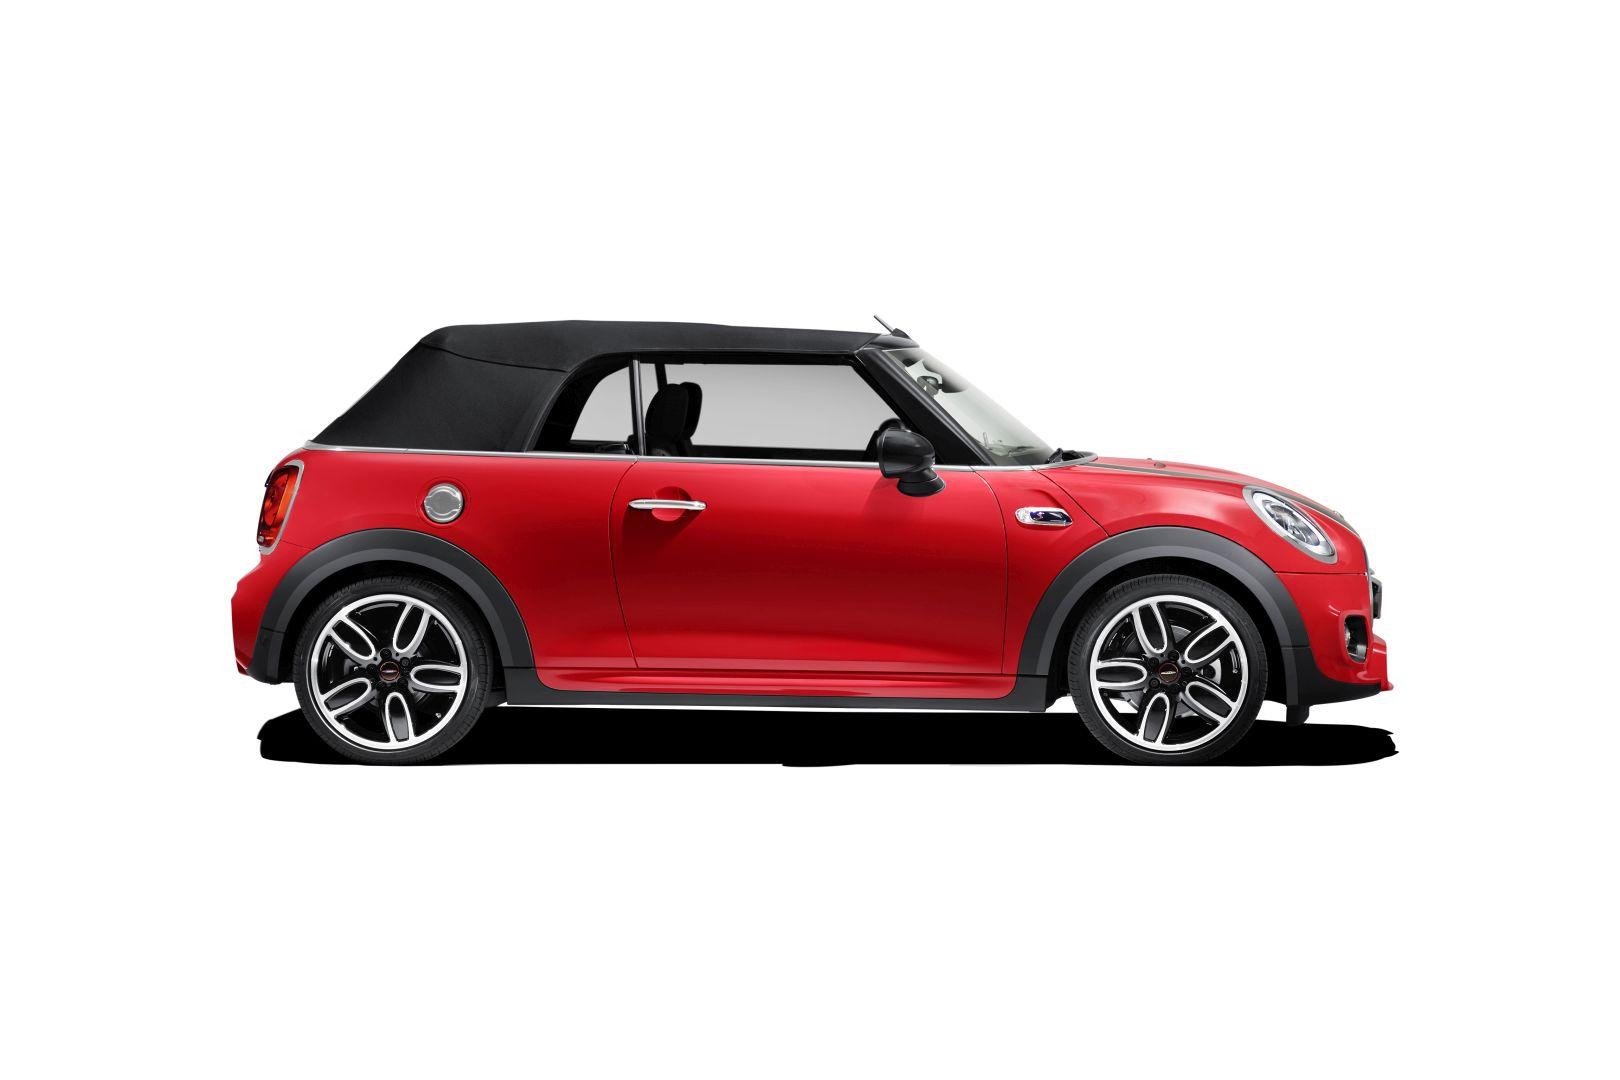 das neue mini cabrio lust auf sommer sonne und strand ubi testet. Black Bedroom Furniture Sets. Home Design Ideas